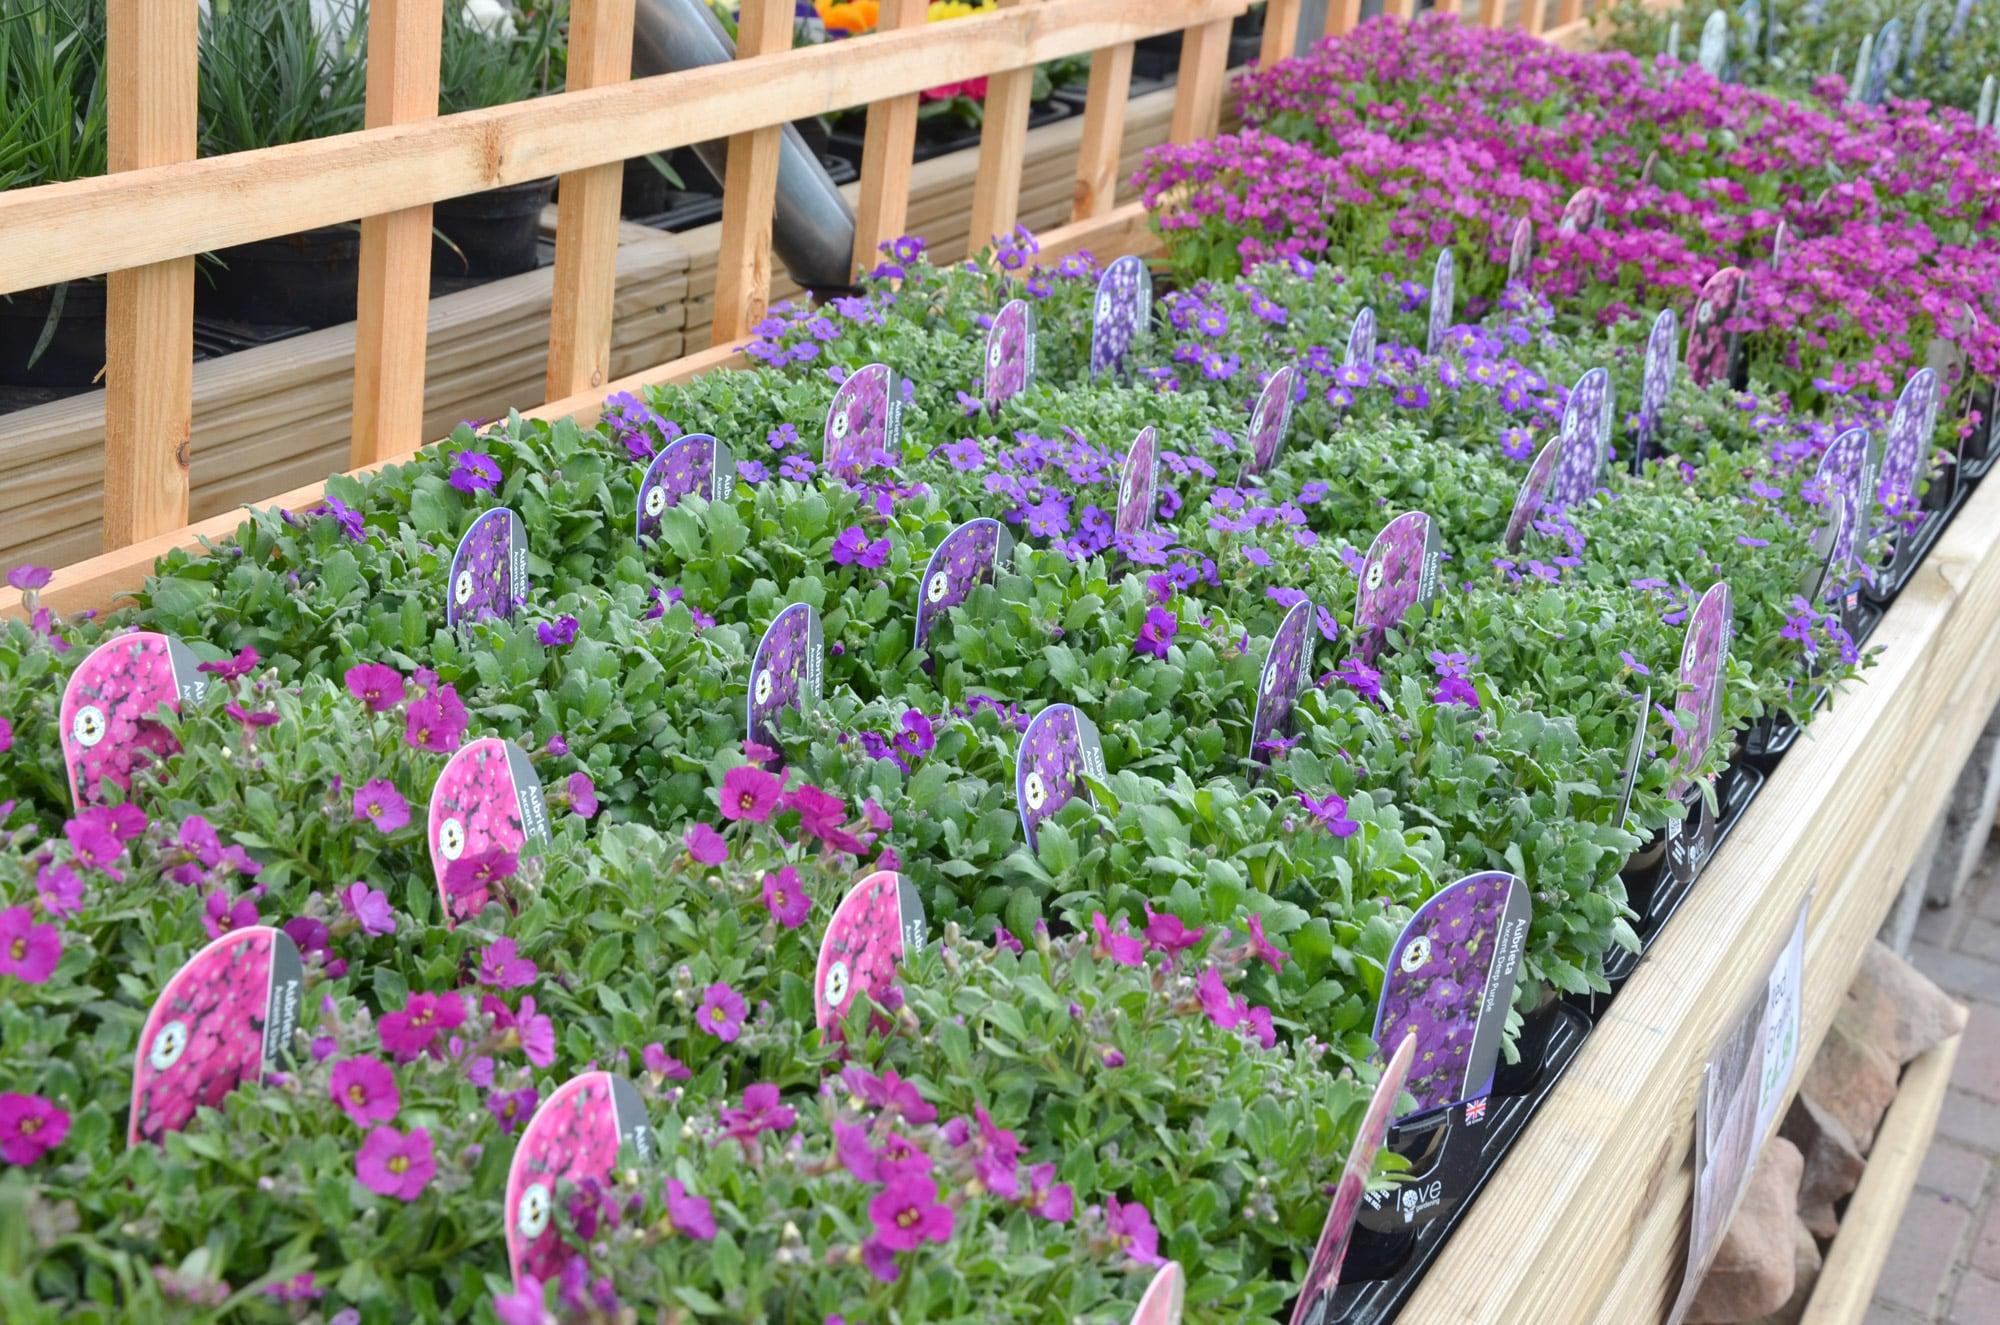 Lower-barn-gardencentre-pink-bedding-min.jpg